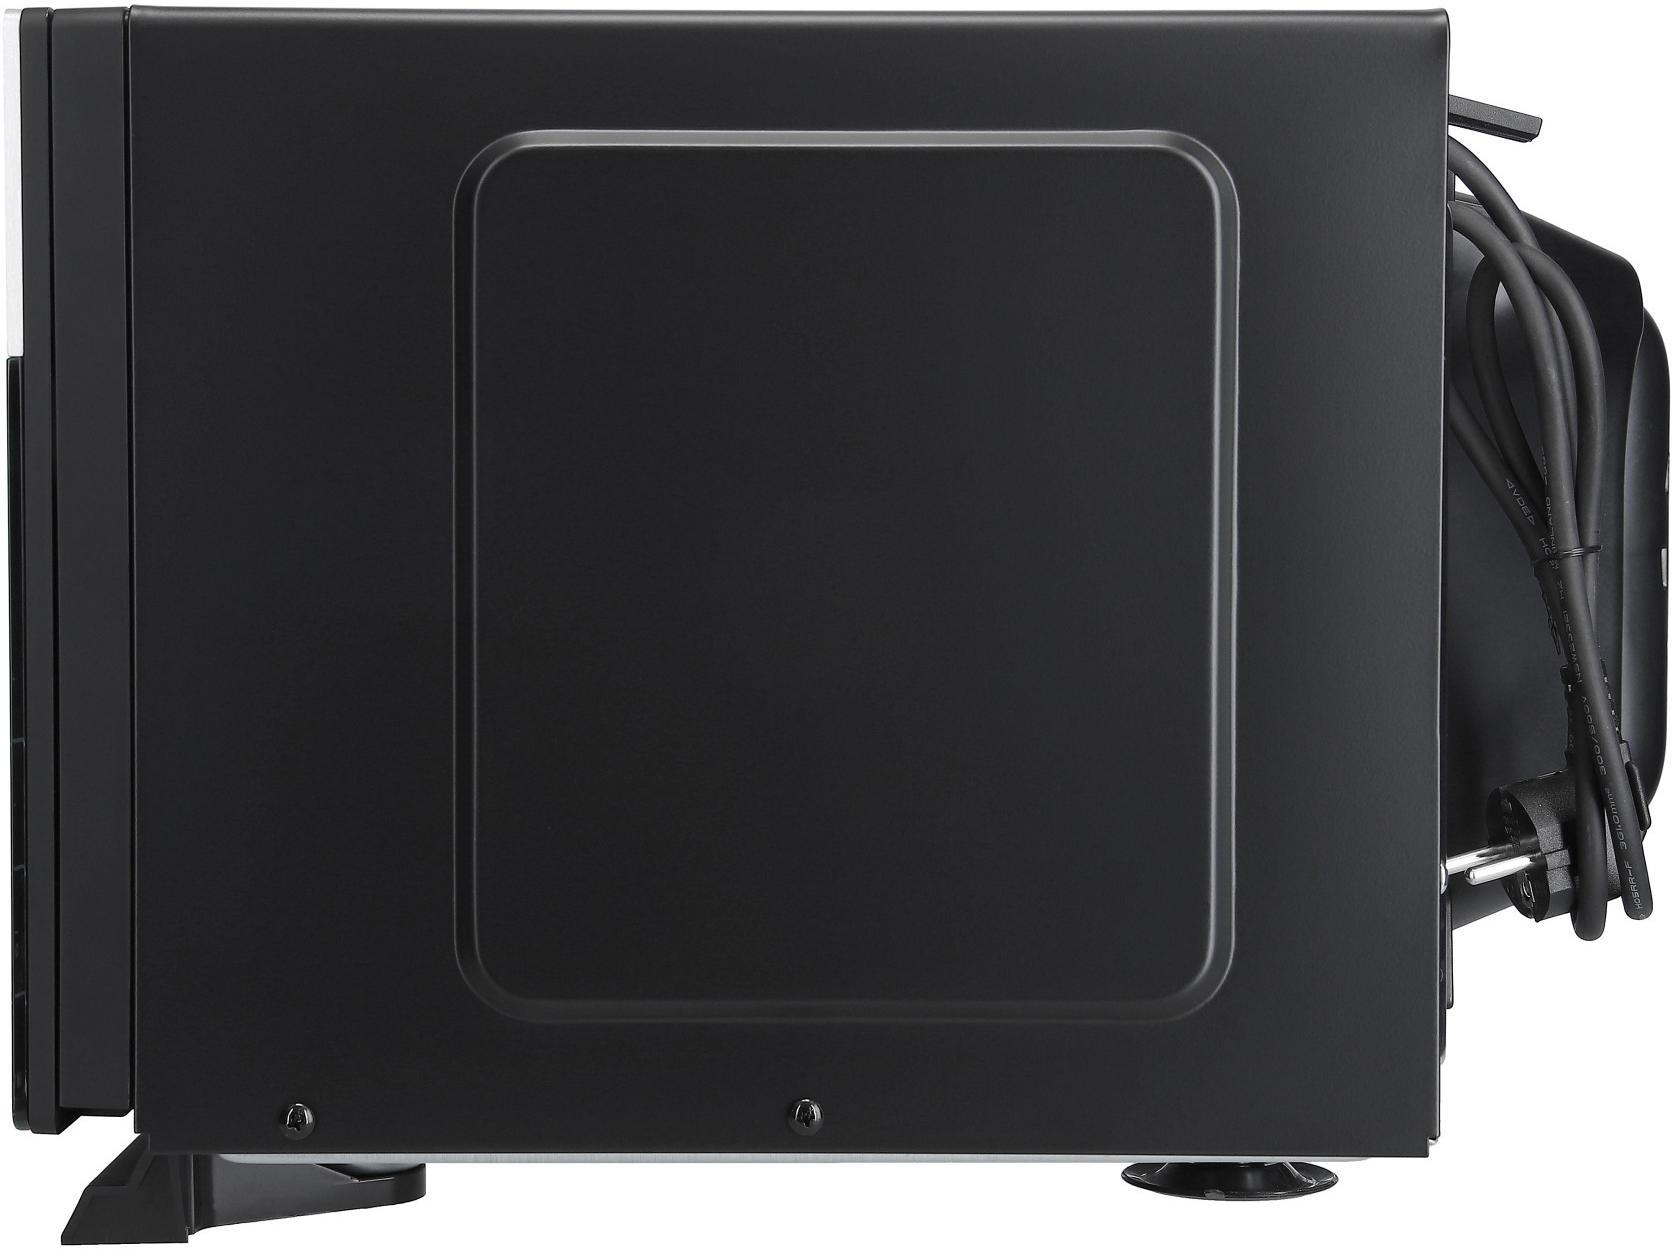 Caso 3359 IMCG25, Mikrowelle 25 l (900 W), Grill (1200 W